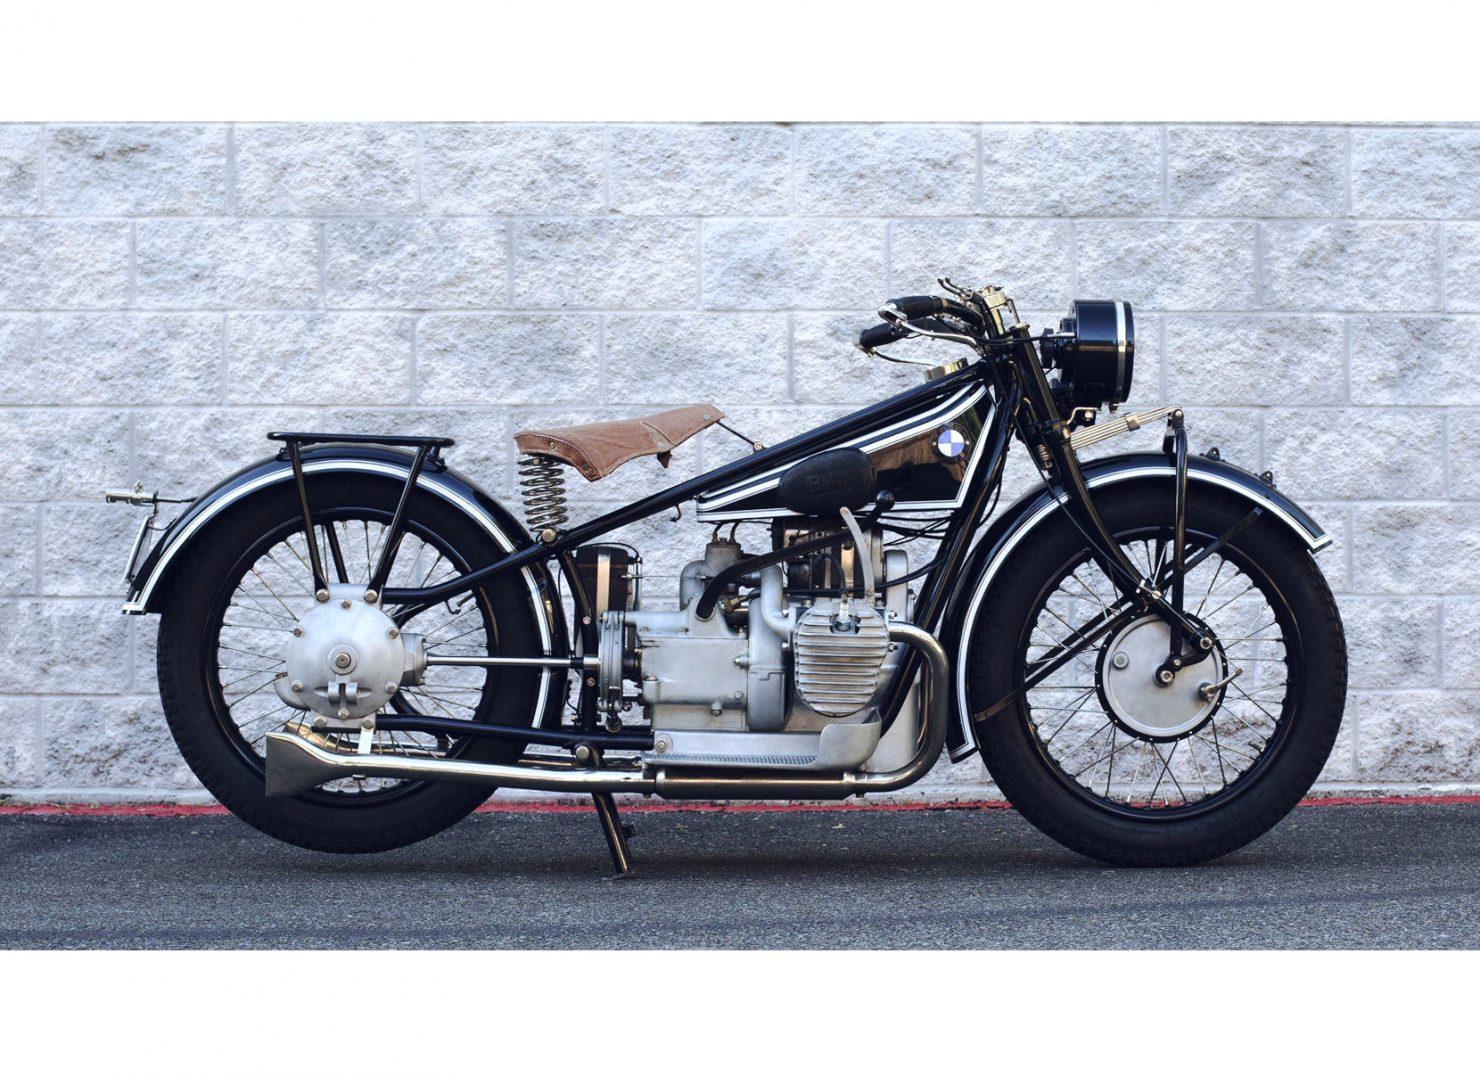 BMW R62 1480x1077 - 1929 BMW R62